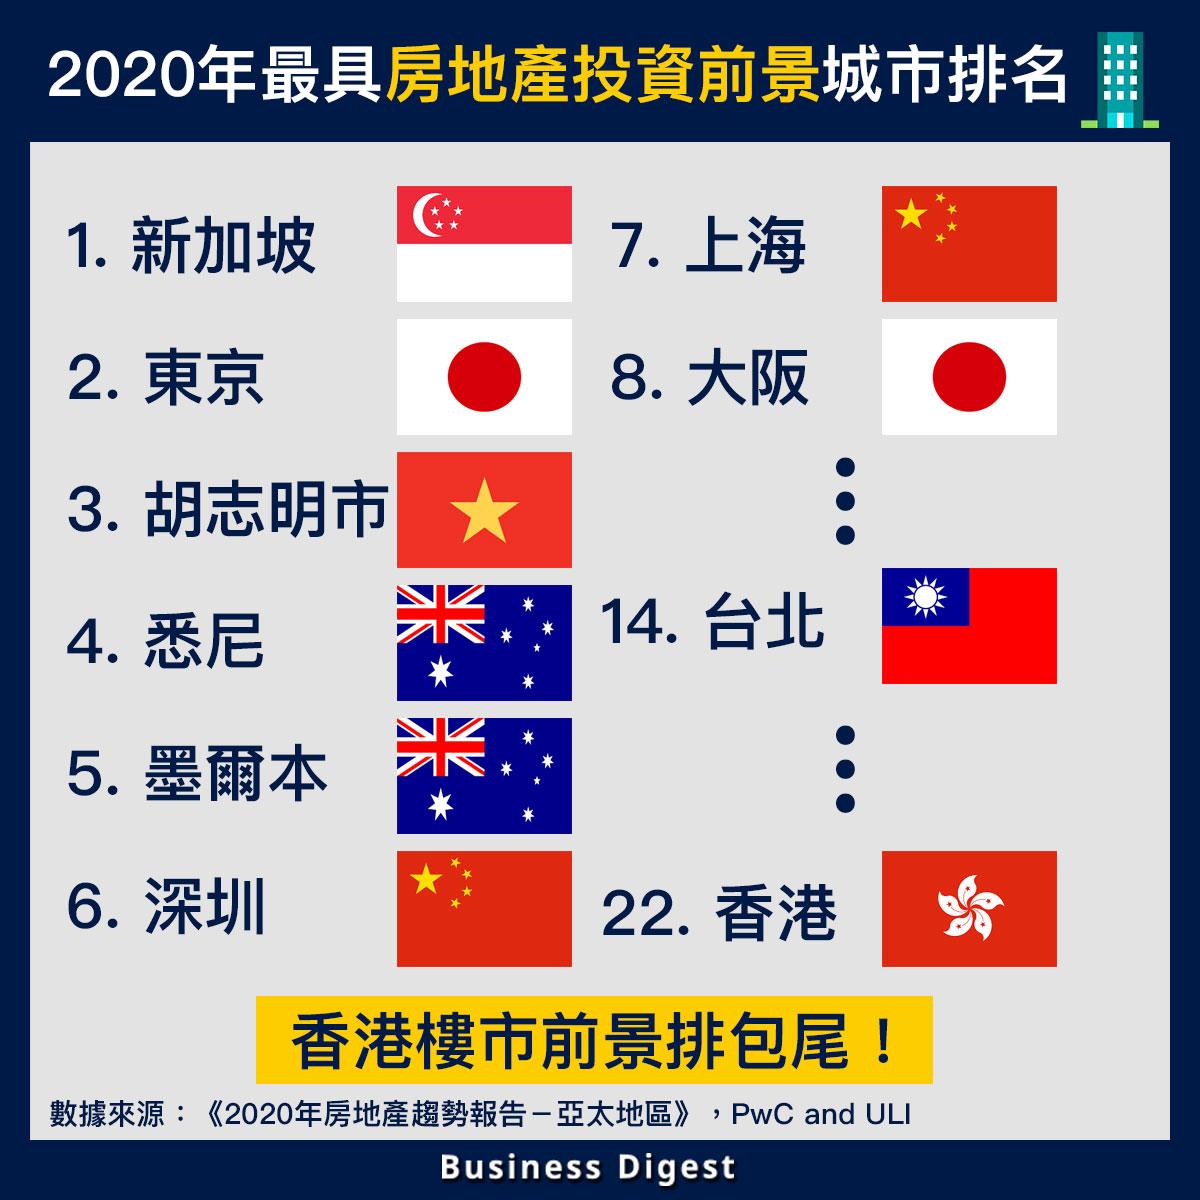 【從數據認識經濟】2020年最具房地產投資前景城市排名:香港排包尾!